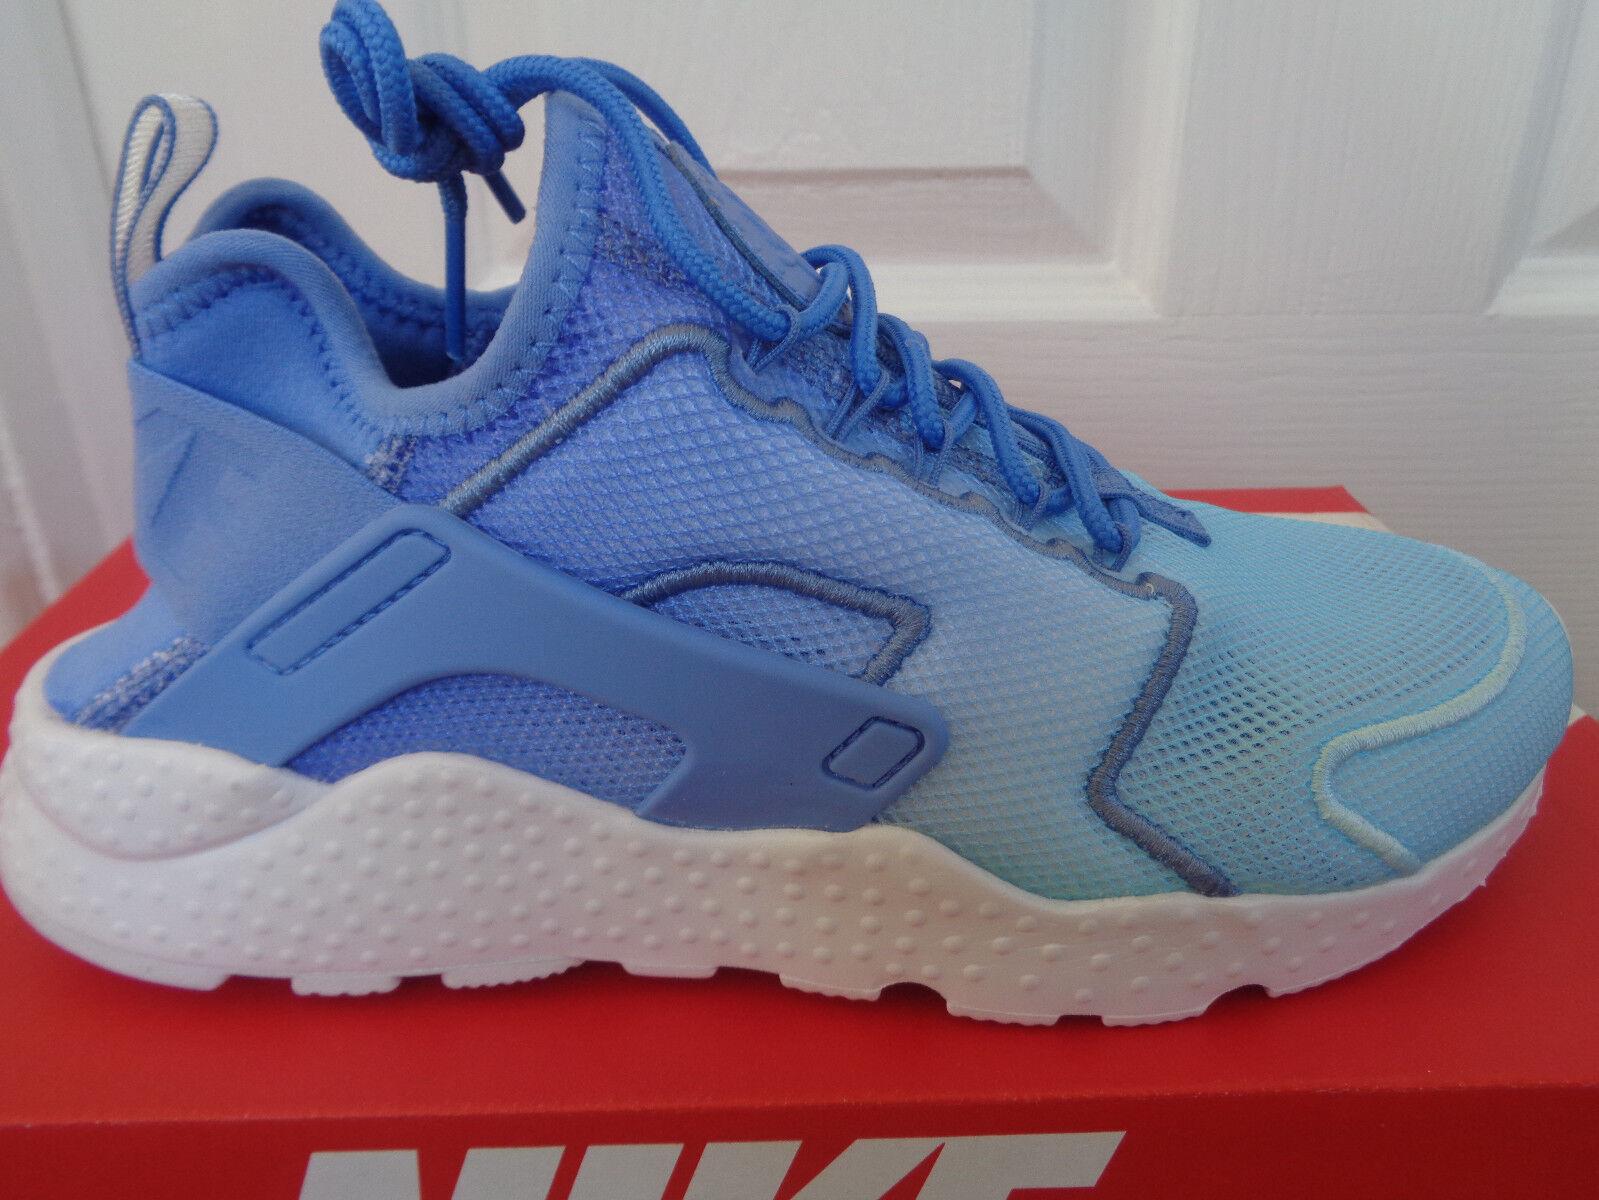 Nike Air Huarache Run Scarpe da ginnastica EU Ultra BR 833292 401 EU ginnastica 38 US 7 Nuovo + Scatola ca8baf